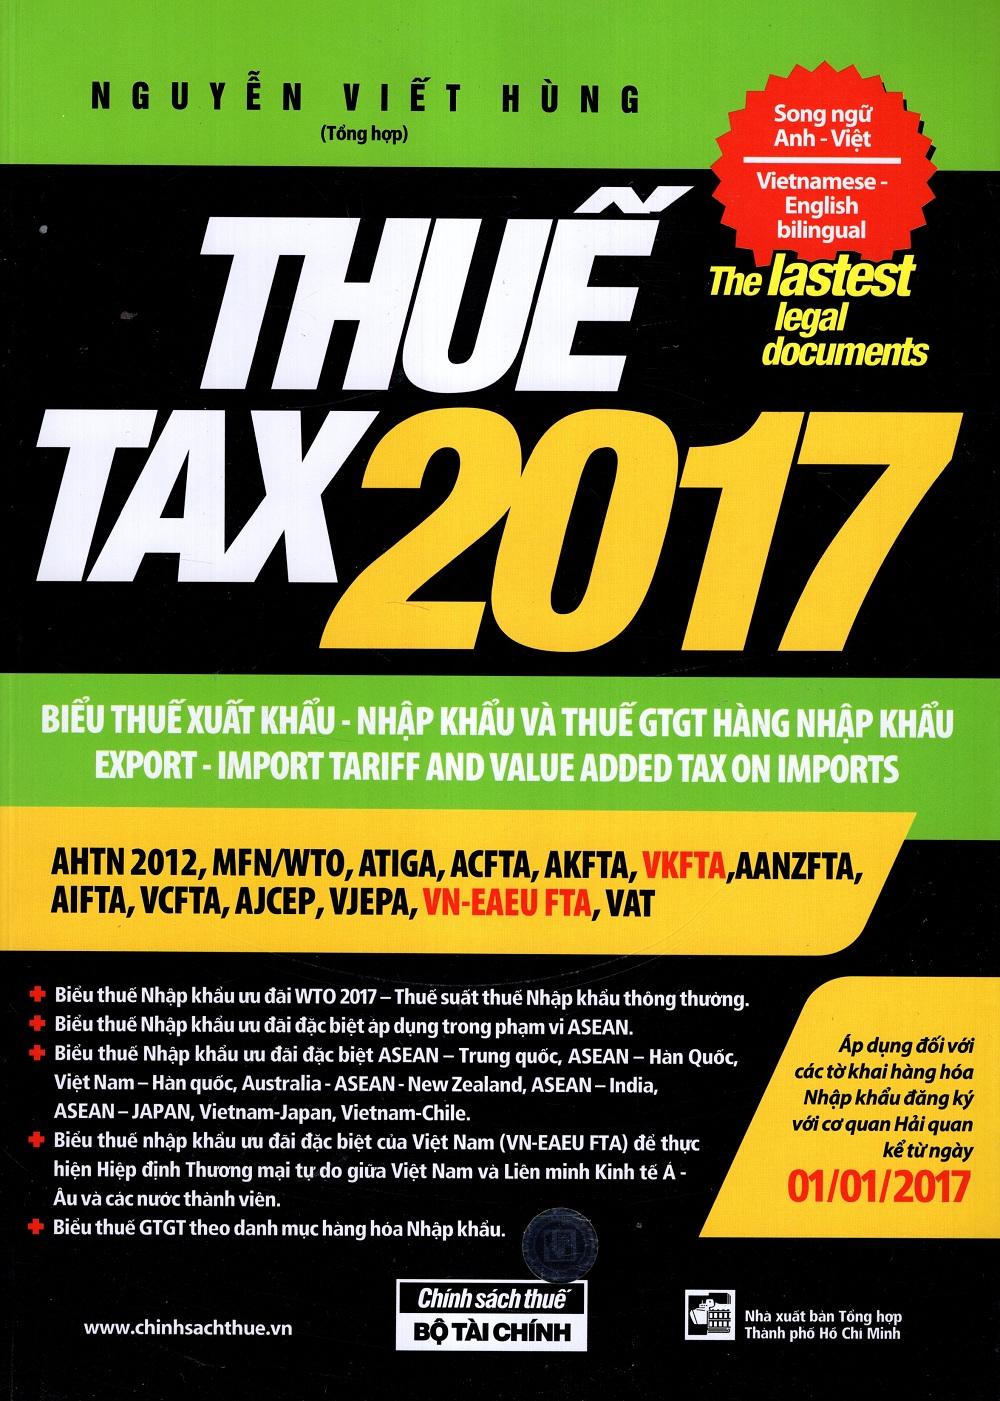 Thuế TAX 2017 – Biểu Thuế Xuất Khẩu – Nhập Khẩu Và Thuế GTGT Hàng Nhập Khẩu (Song Ngữ Anh – Việt)